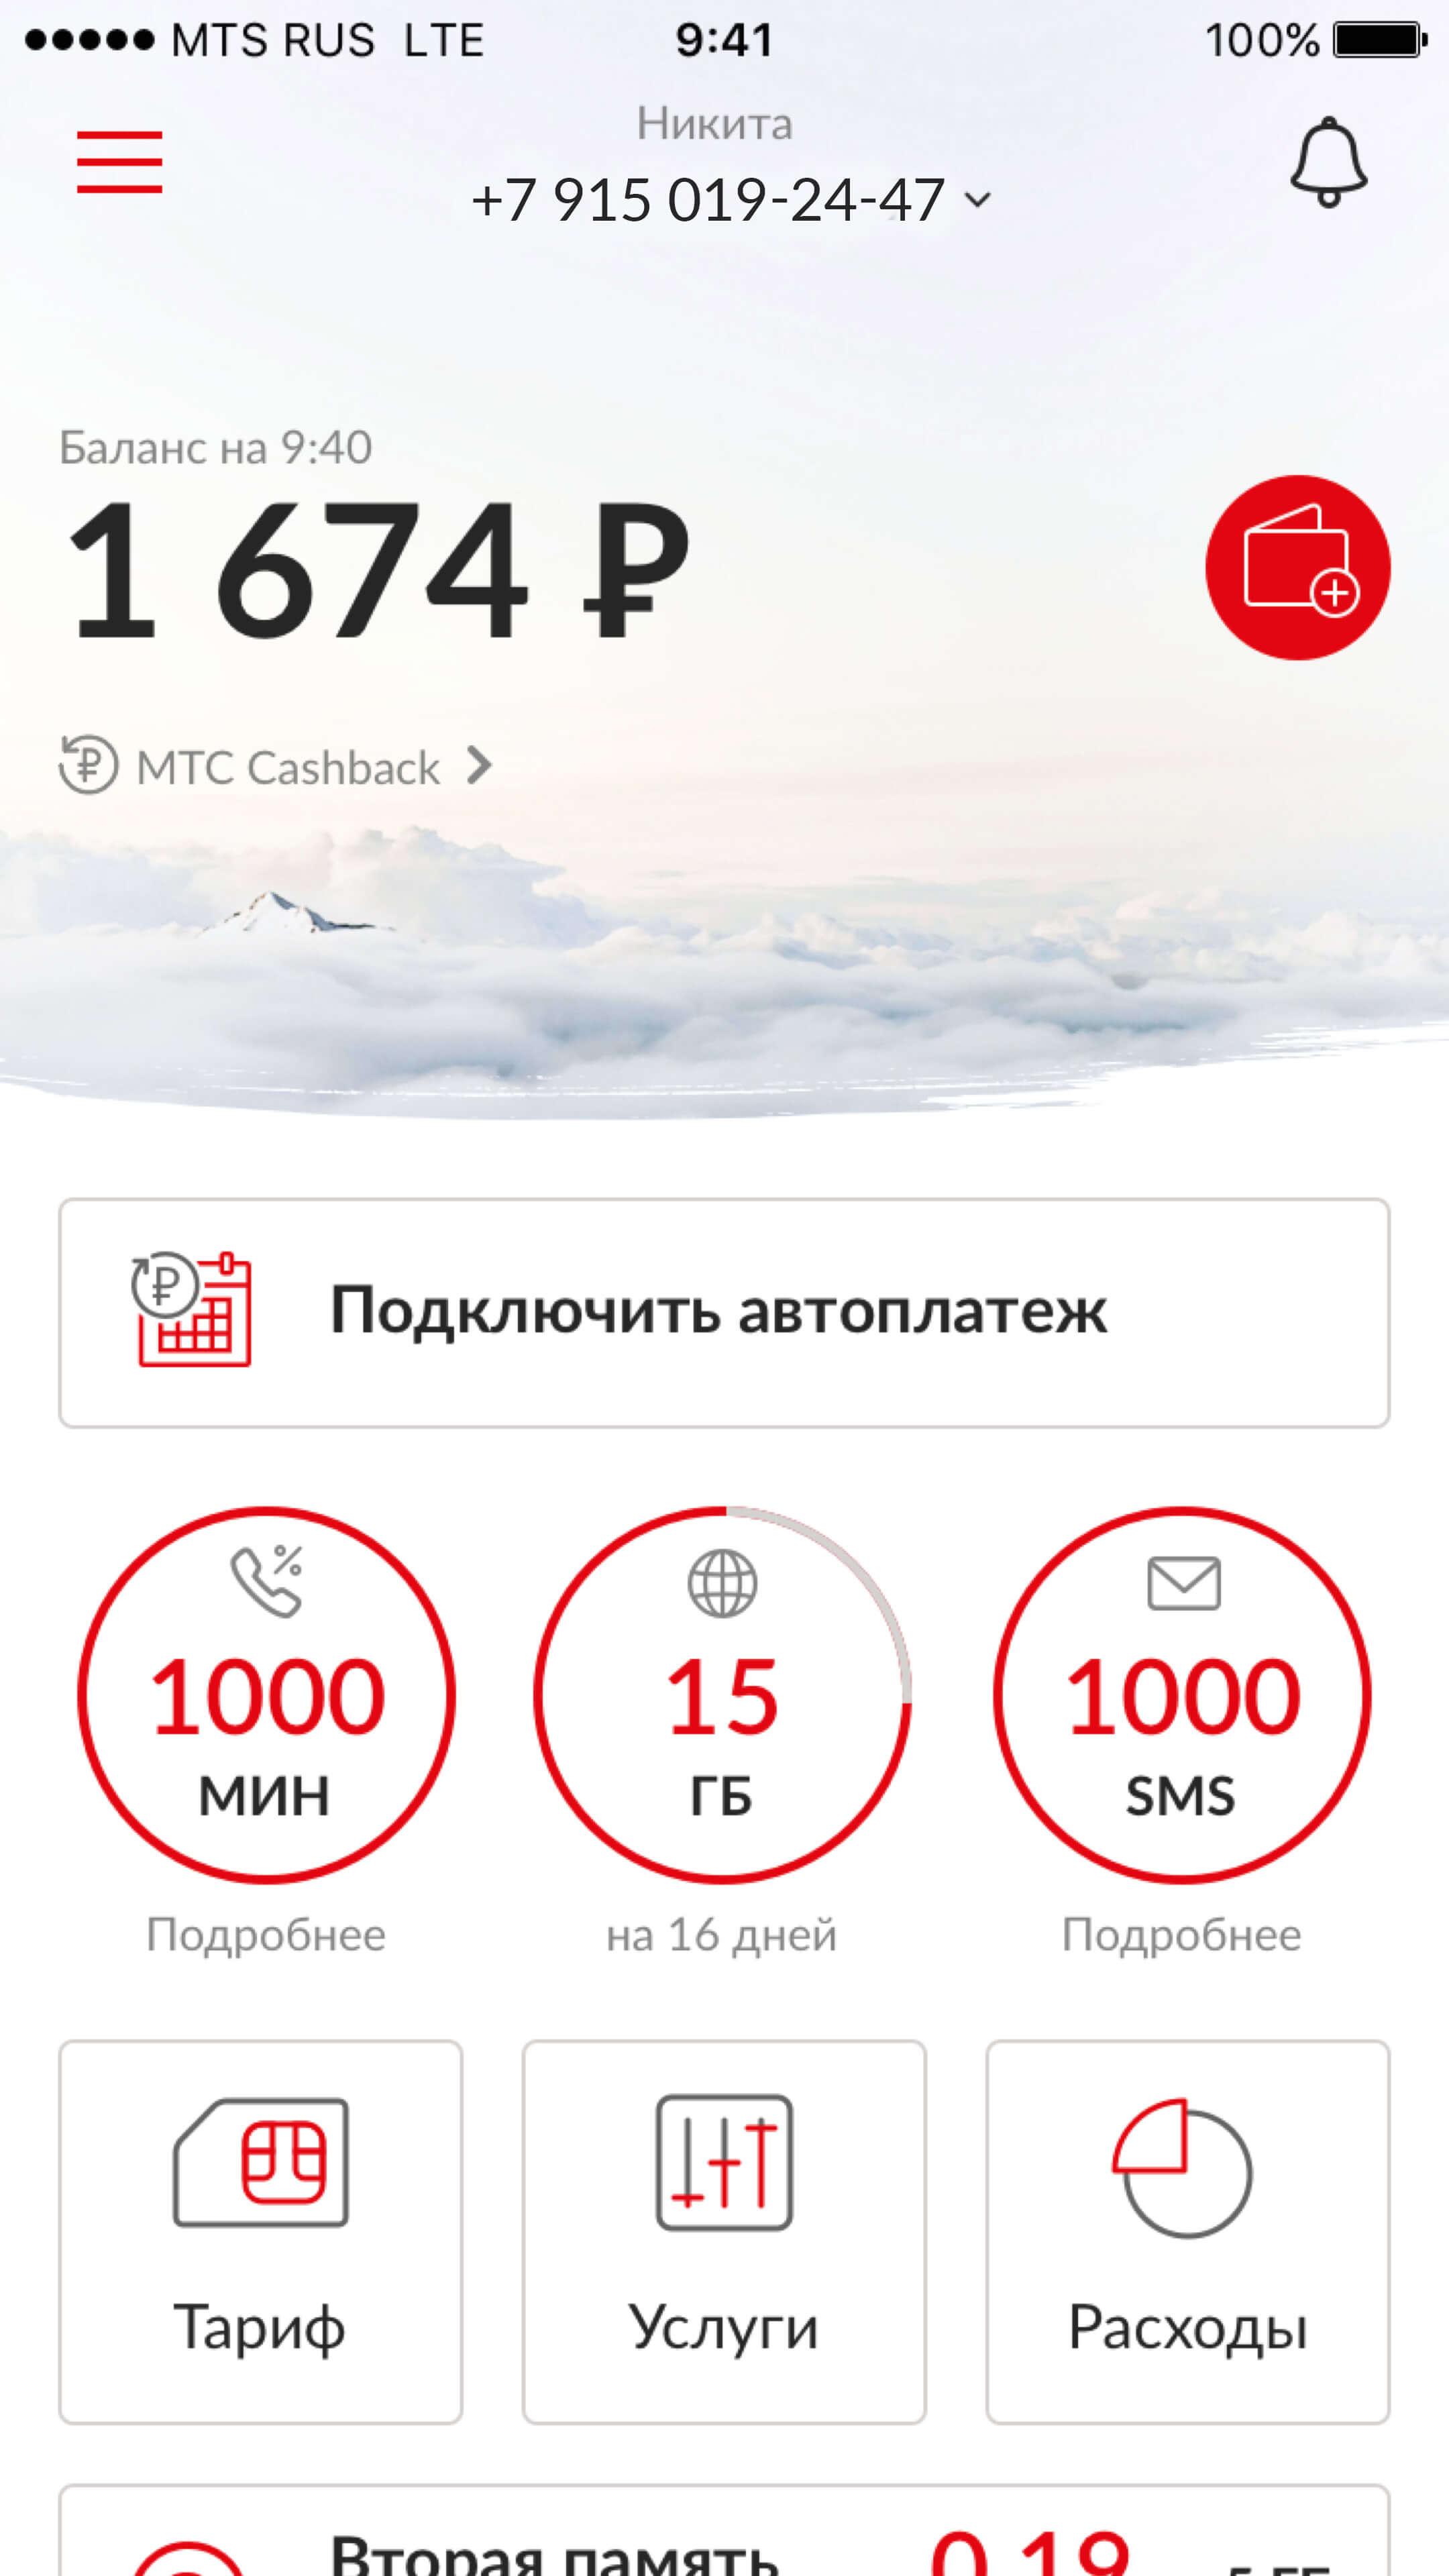 Бутират пробы Хабаровск Марки Стоимость Череповец